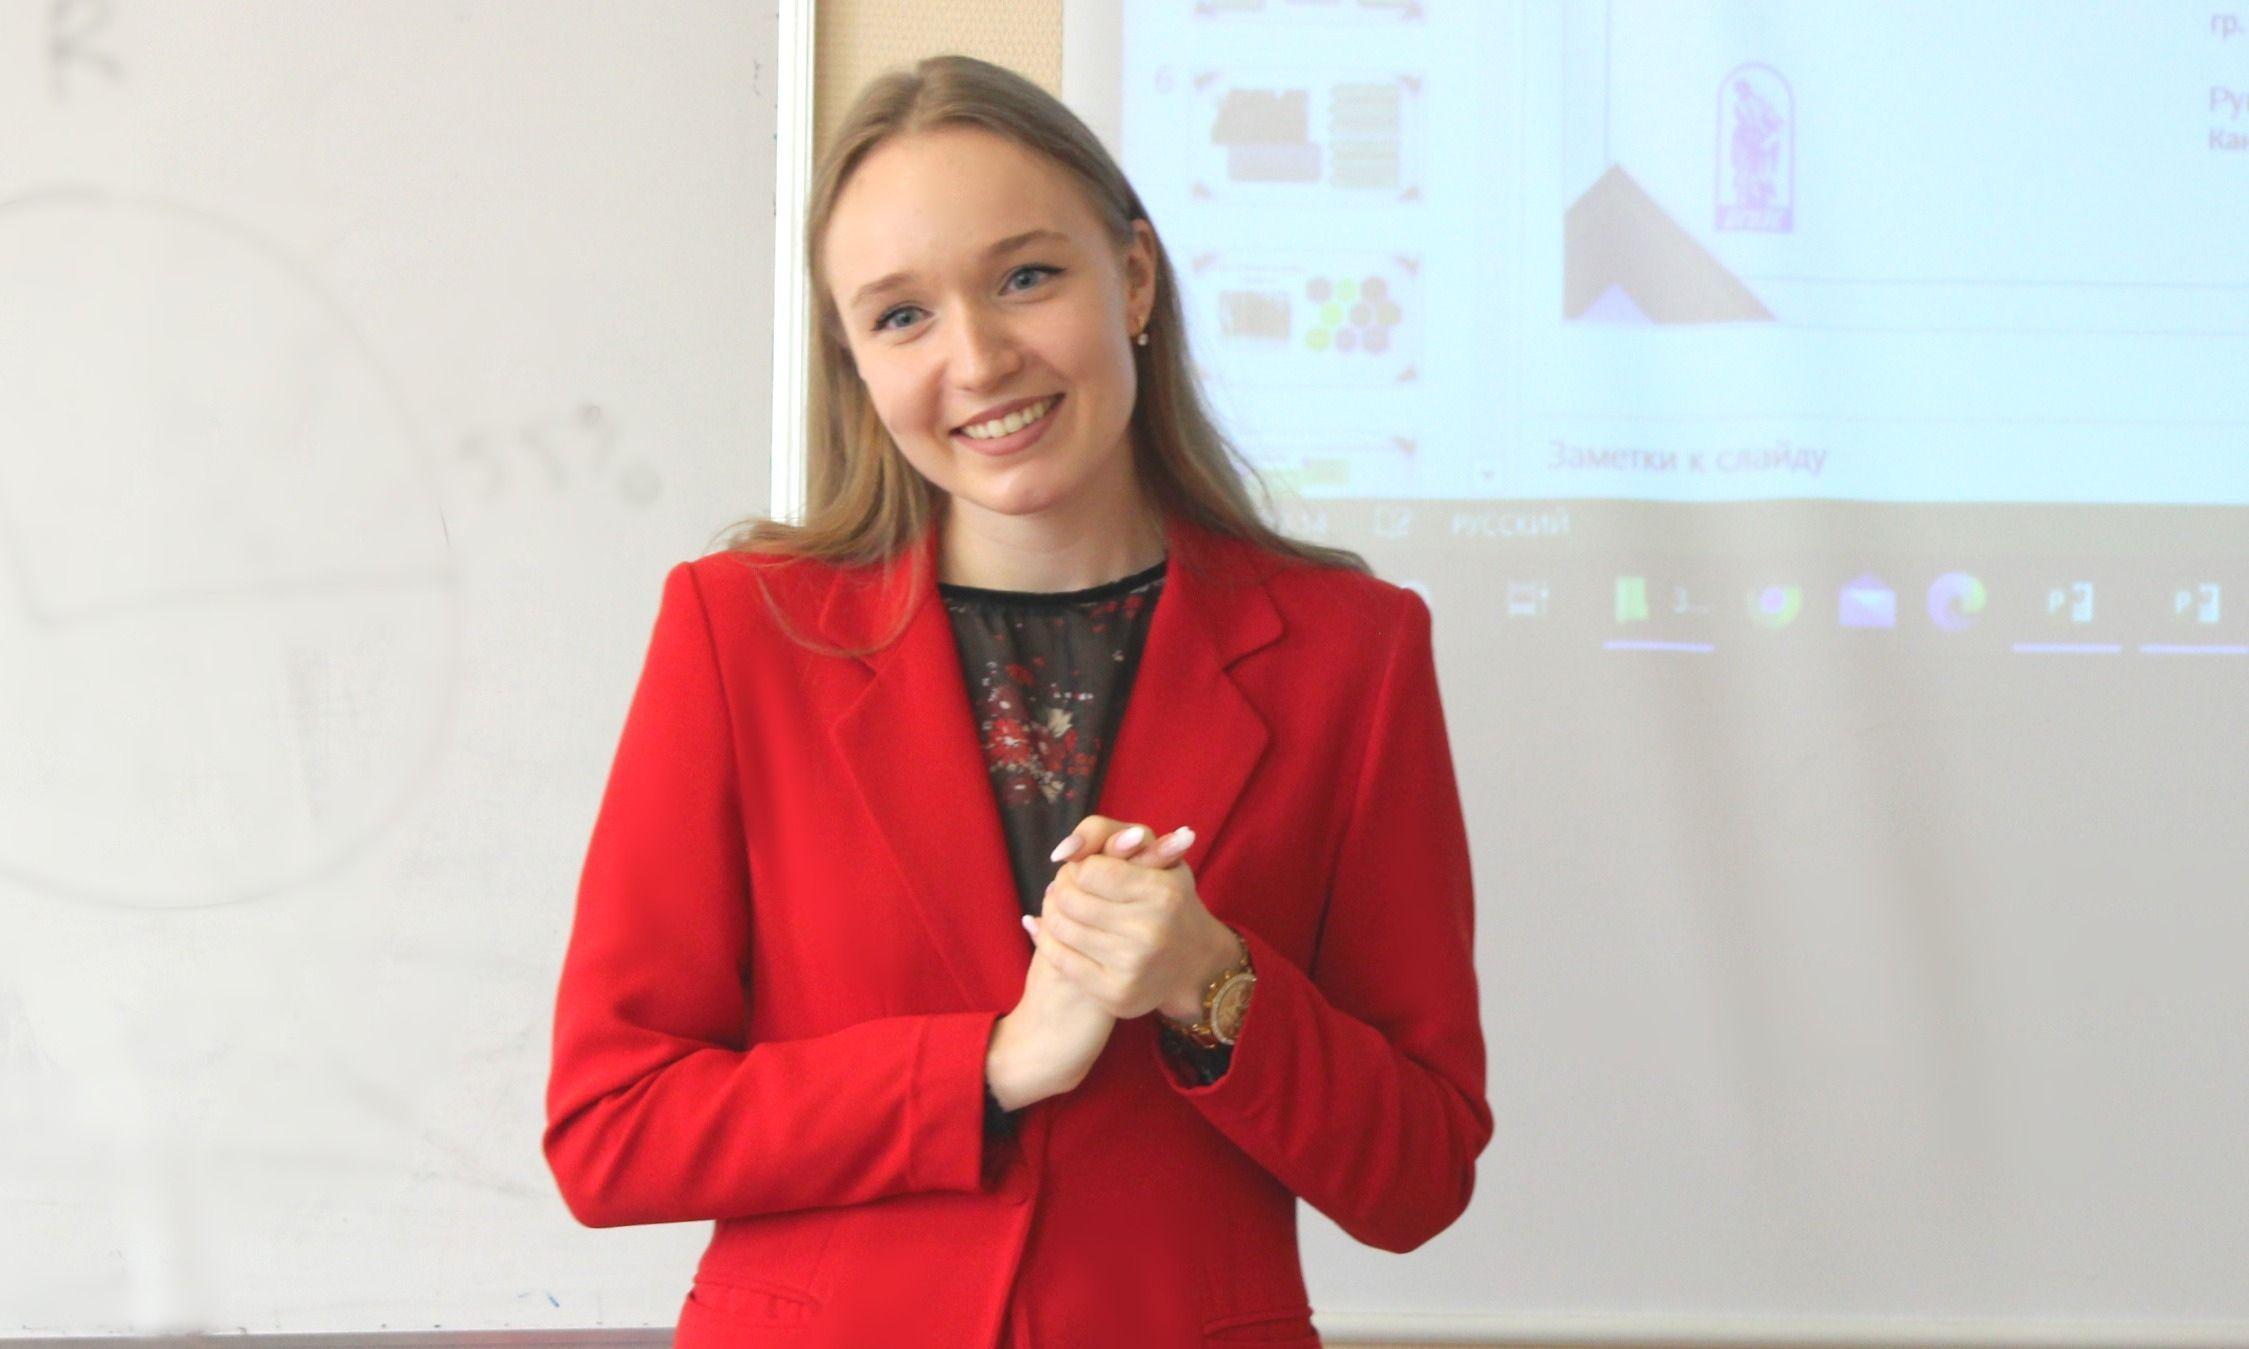 Международные отношения во ВГУЭС: углублённое изучение иностранных языков, практика в МИД, зарубежные стажировки